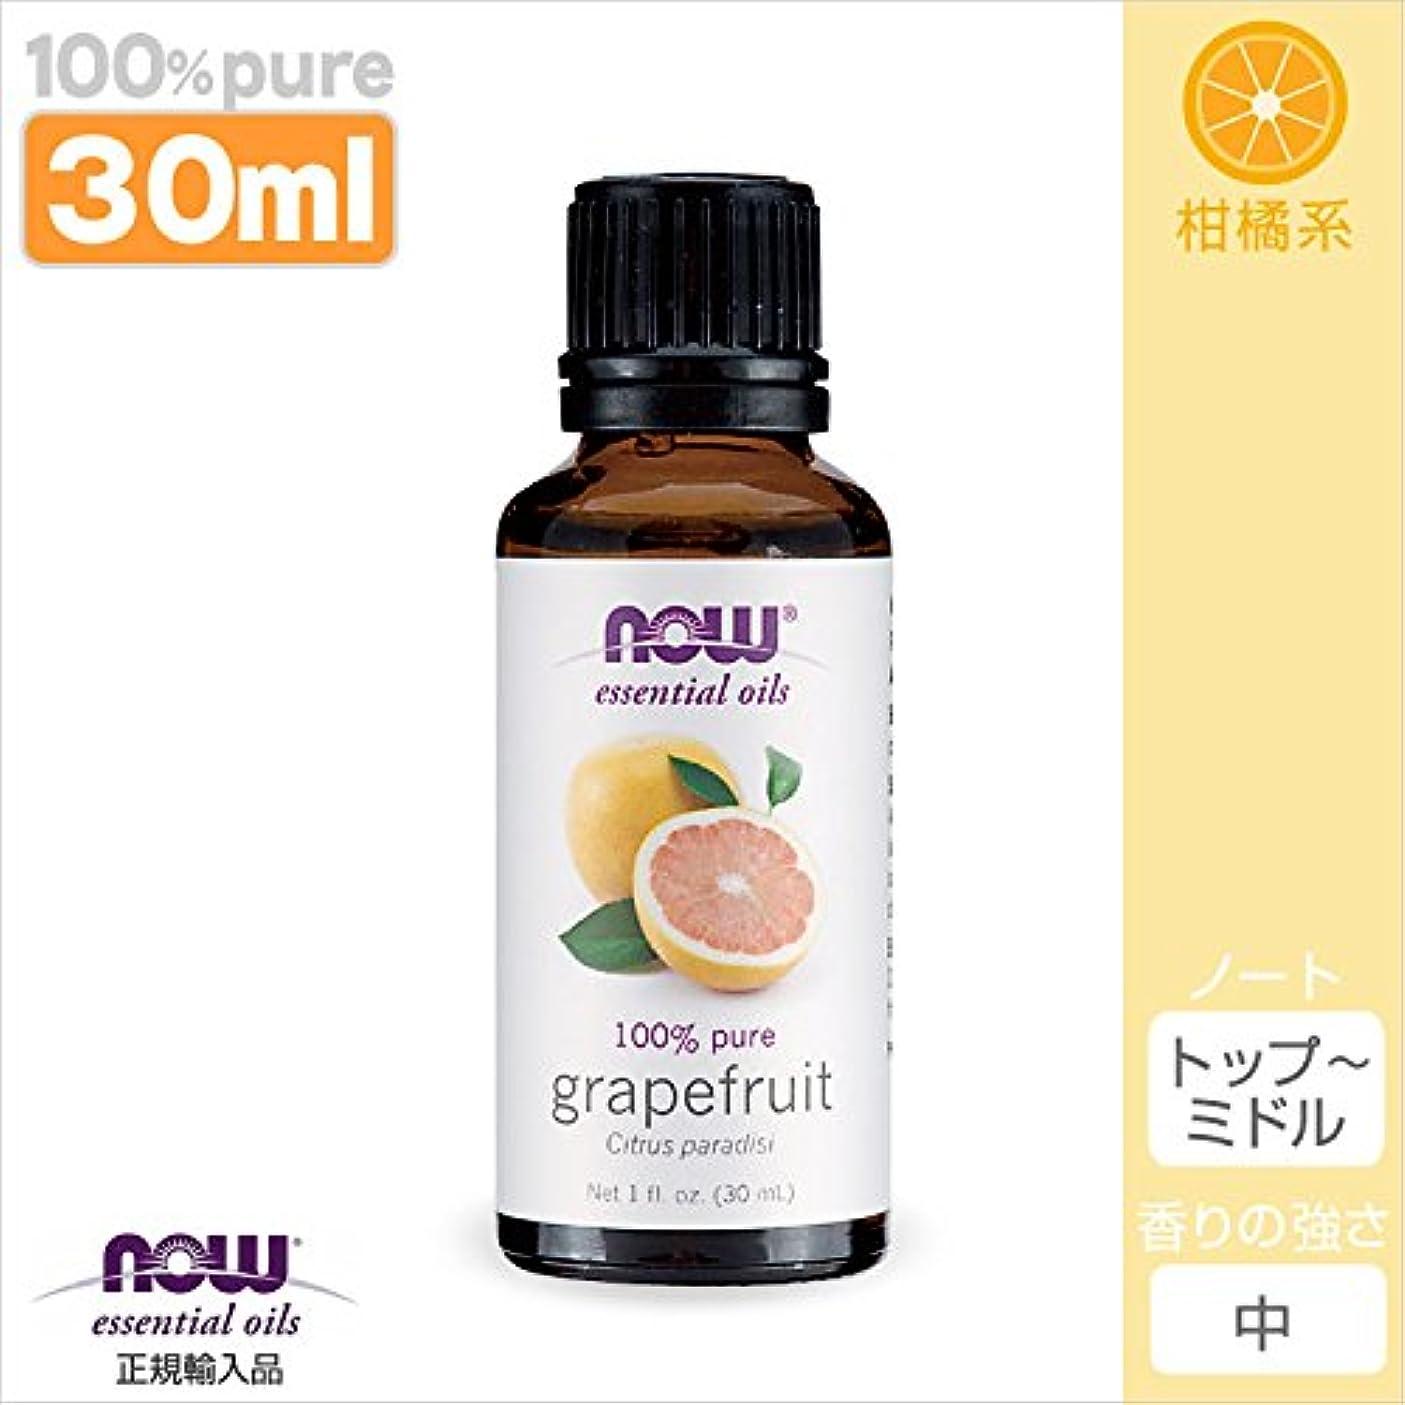 有益銀フォークグレープフルーツ精油[30ml] 【正規輸入品】 NOWエッセンシャルオイル(アロマオイル)